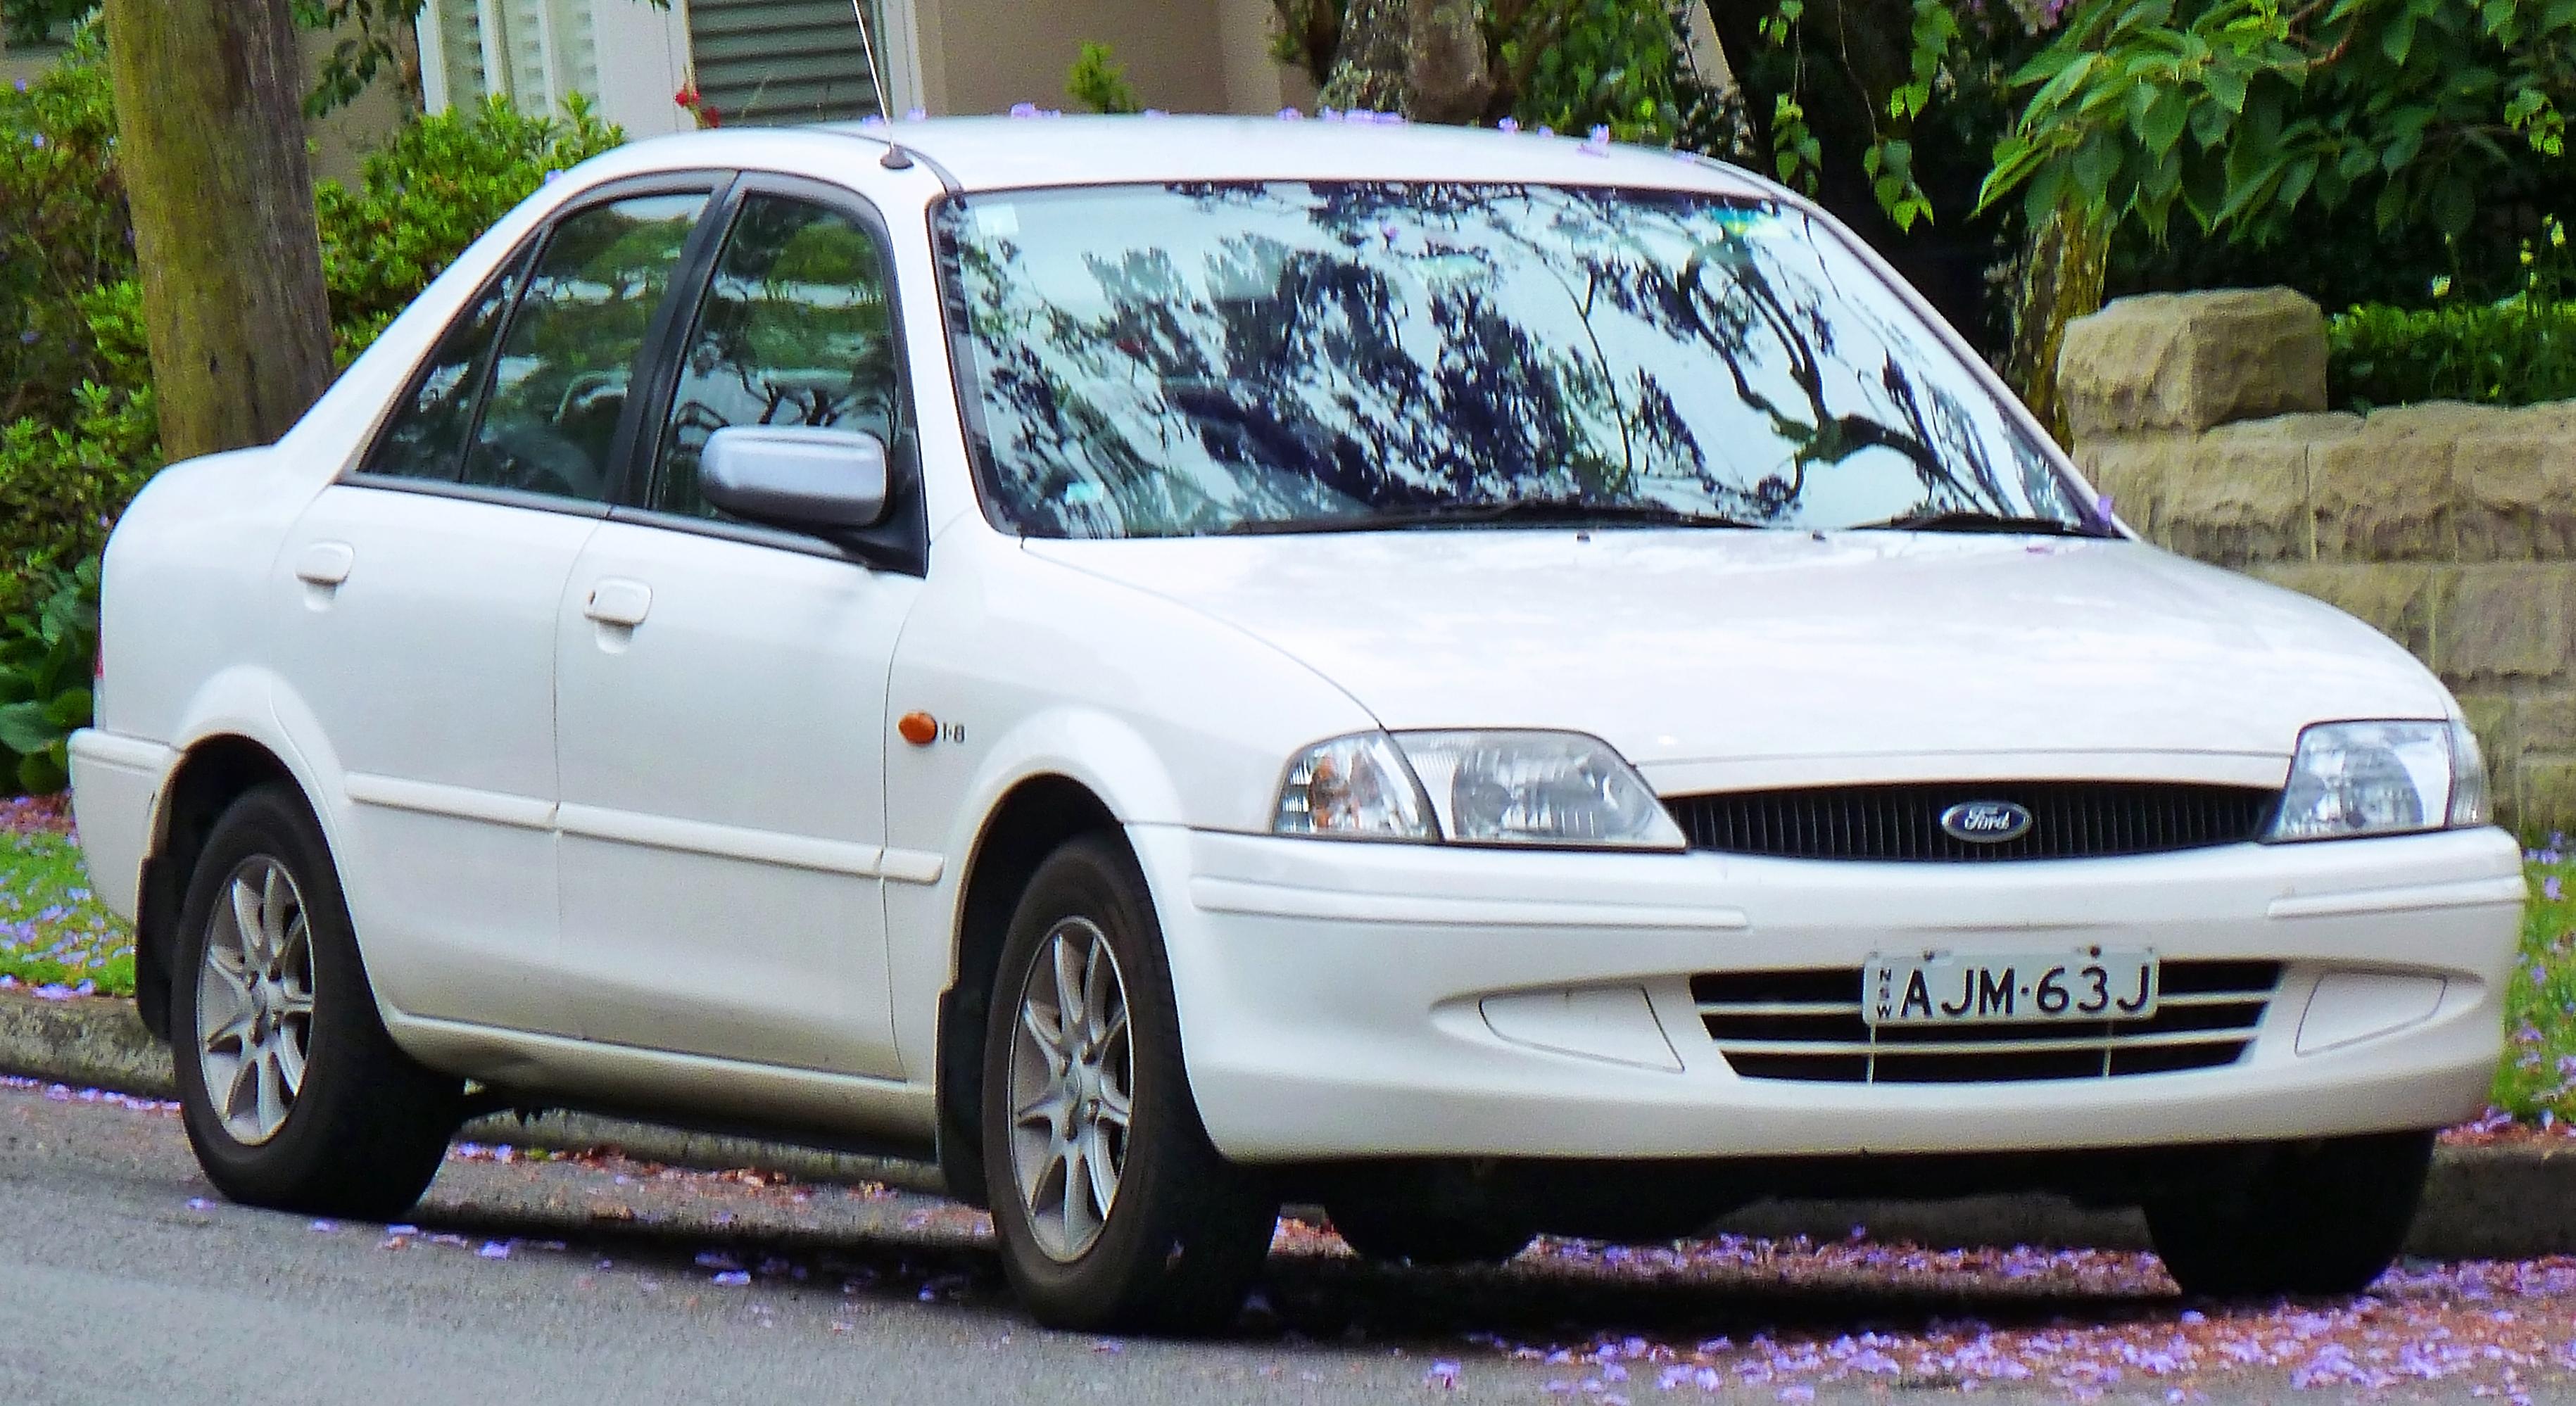 Ford Laser chính thức được giới thiệu ở Việt Nam tháng 12 năm 1999